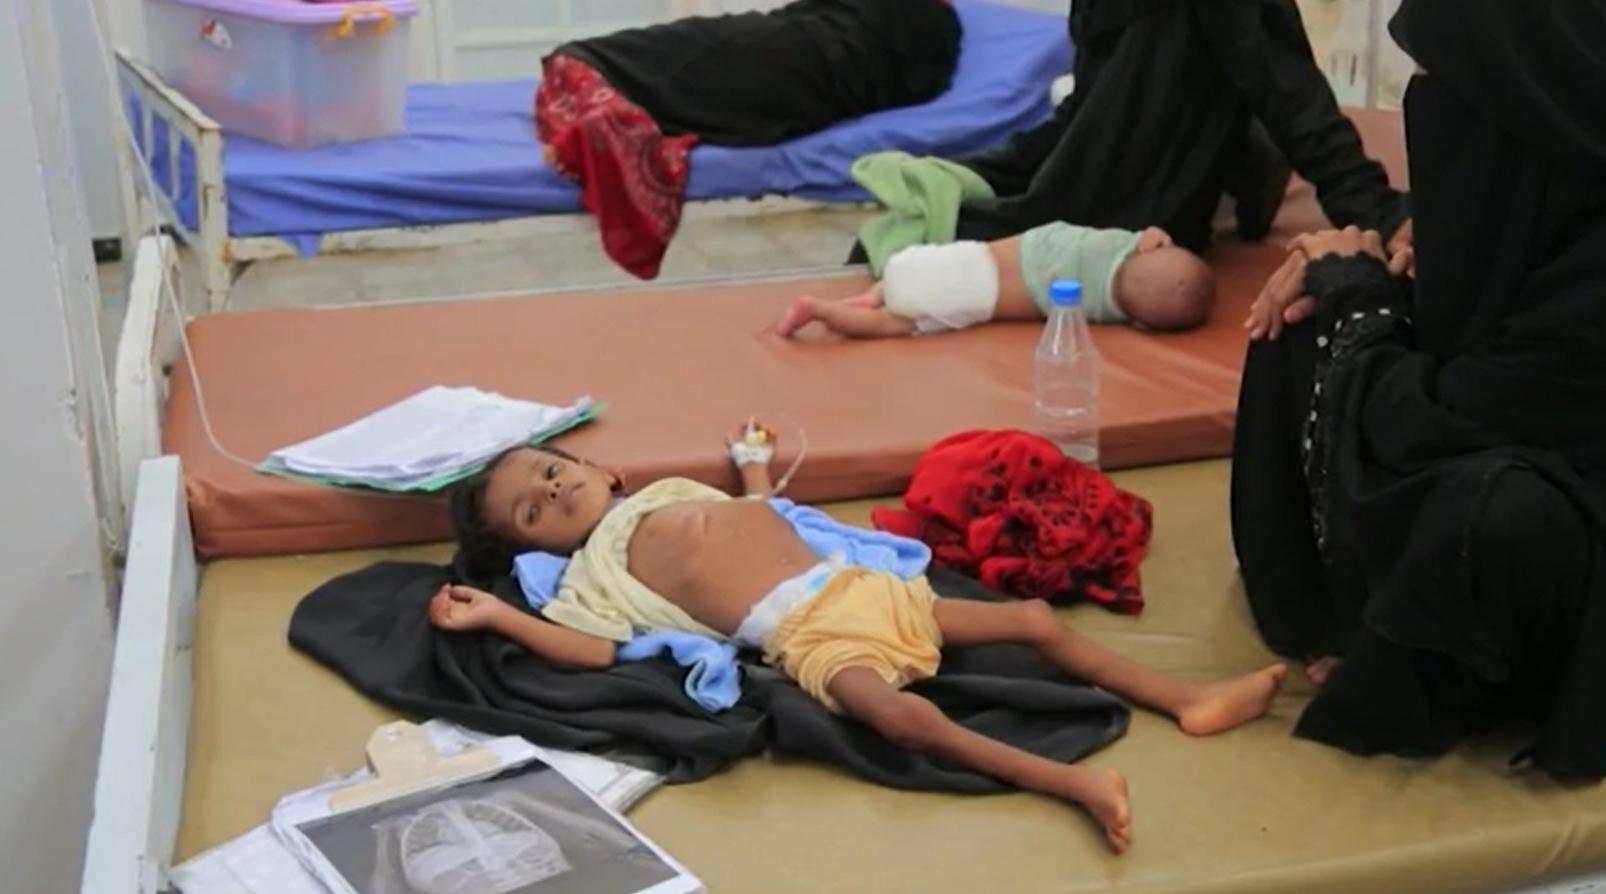 Criança em tratamento contra desnutrição no Iêmen